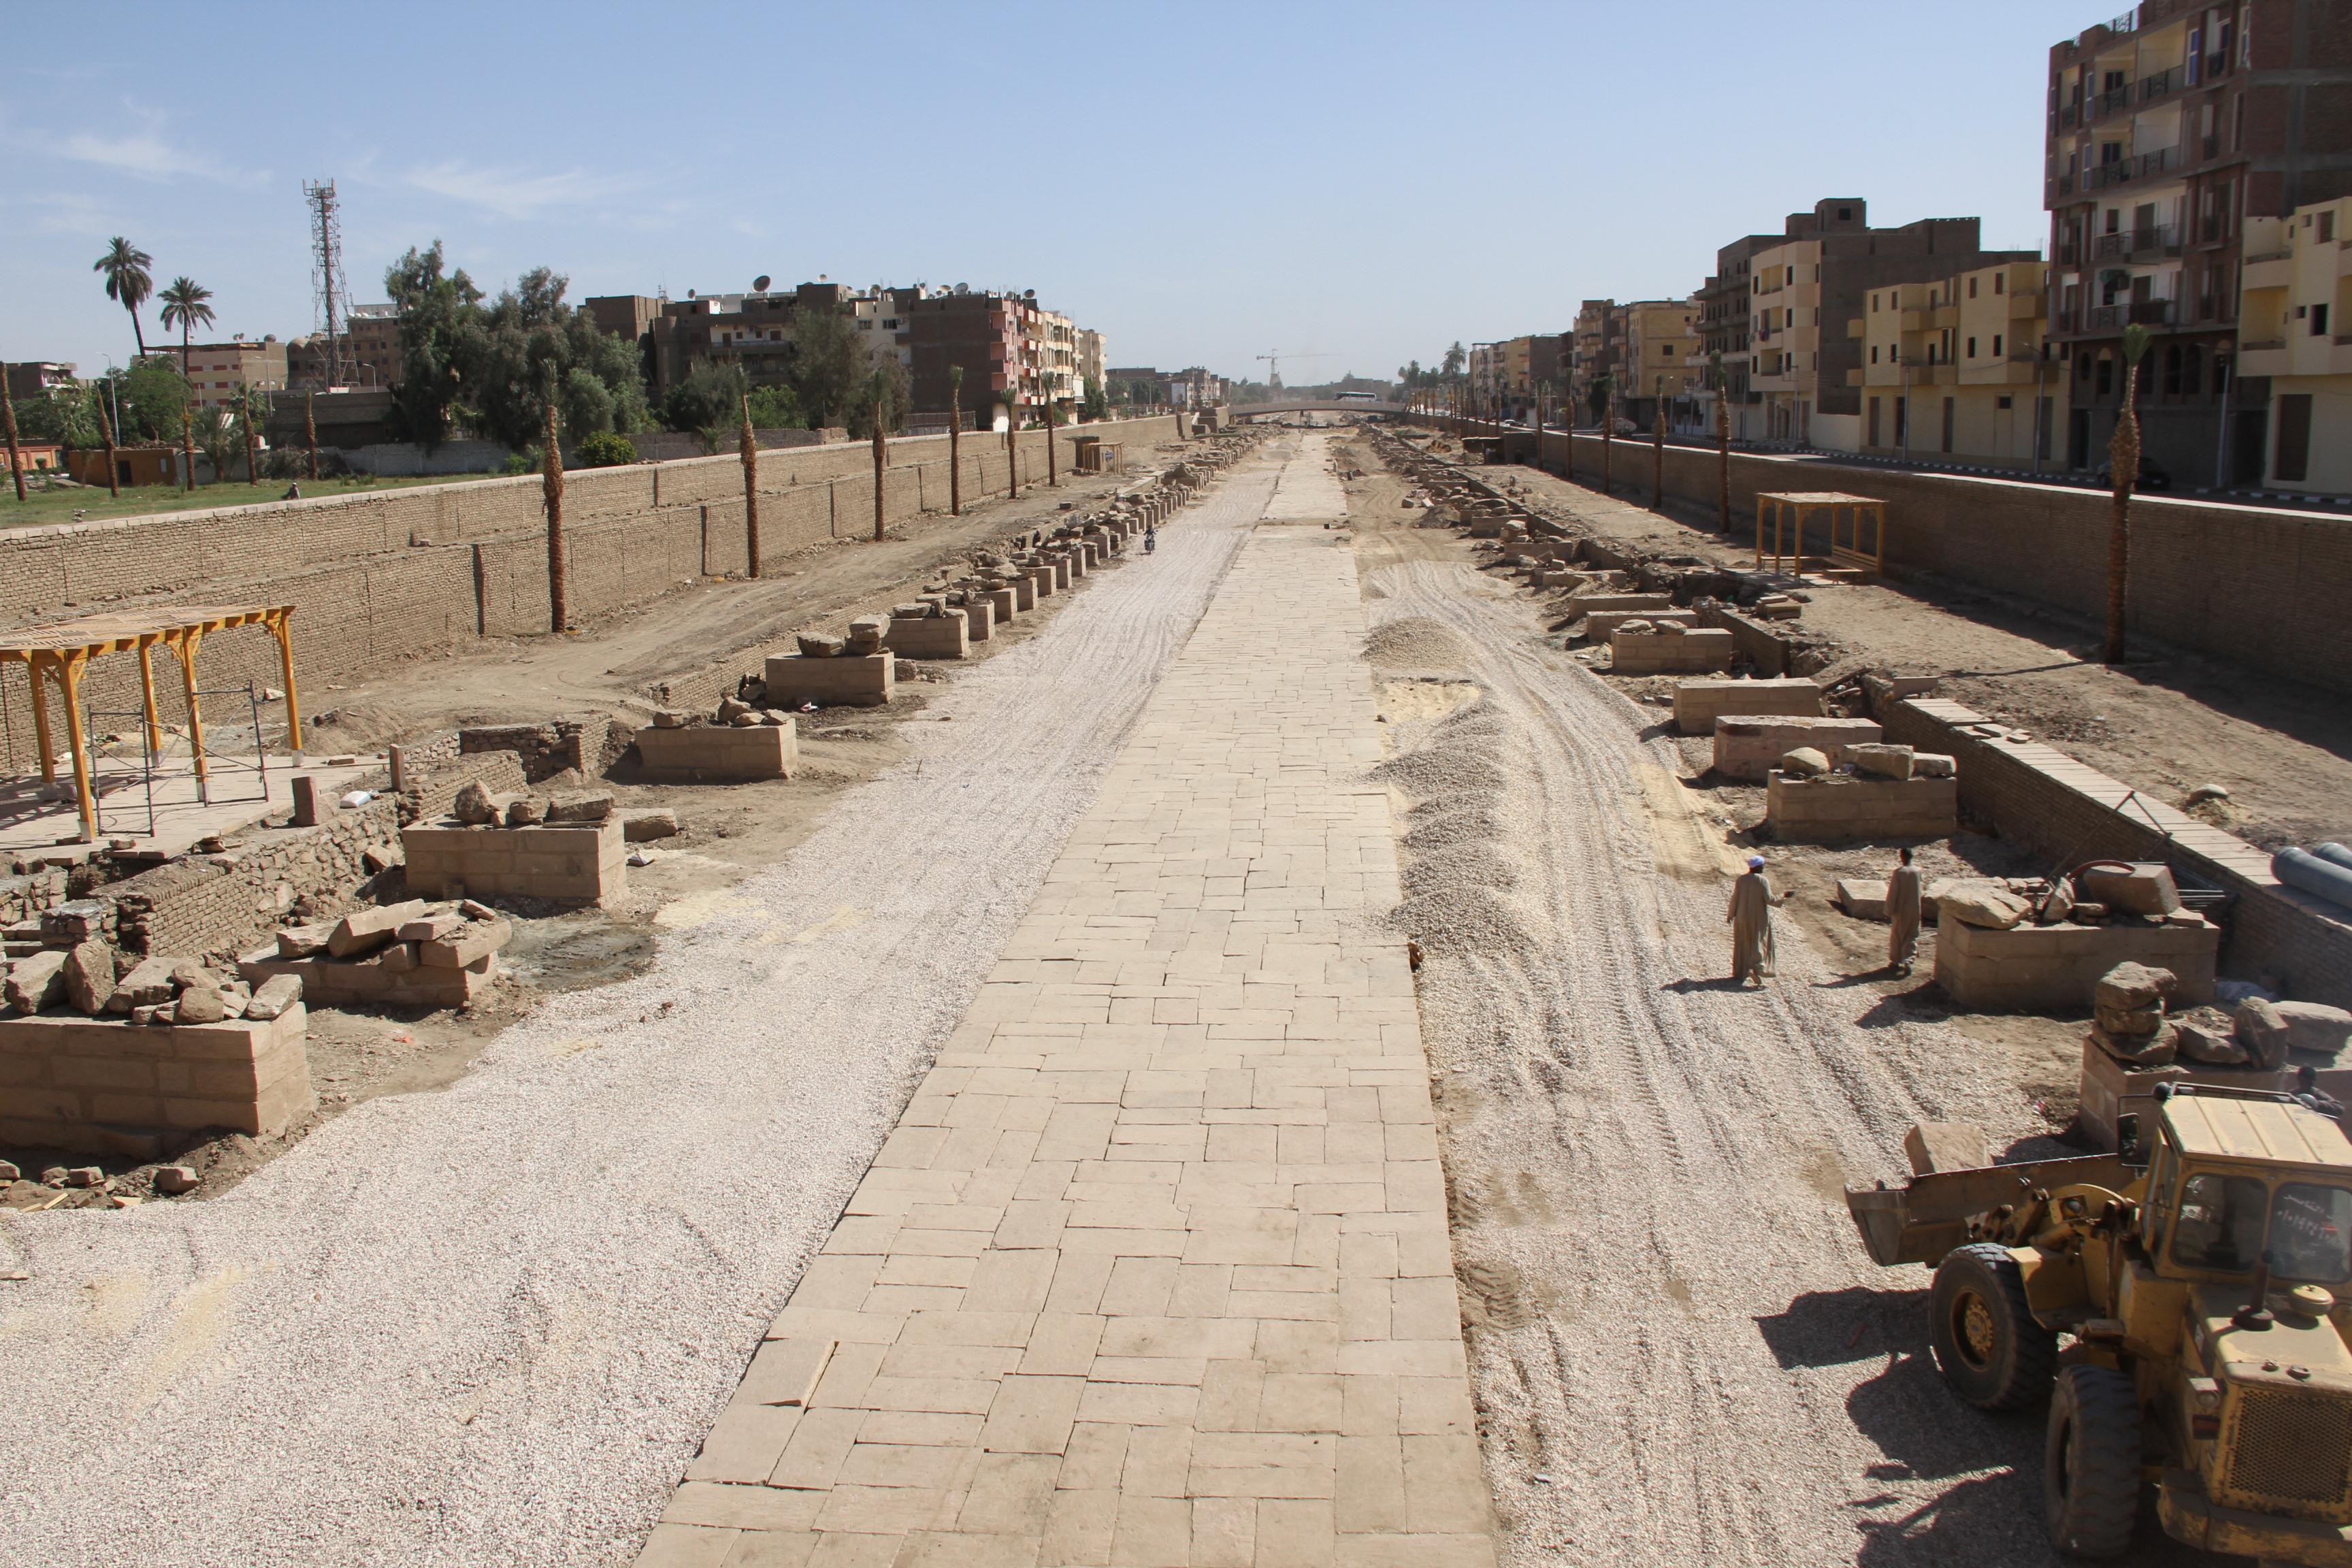 Аллея сфинксов, пересекающая город, сейчас реставрируется